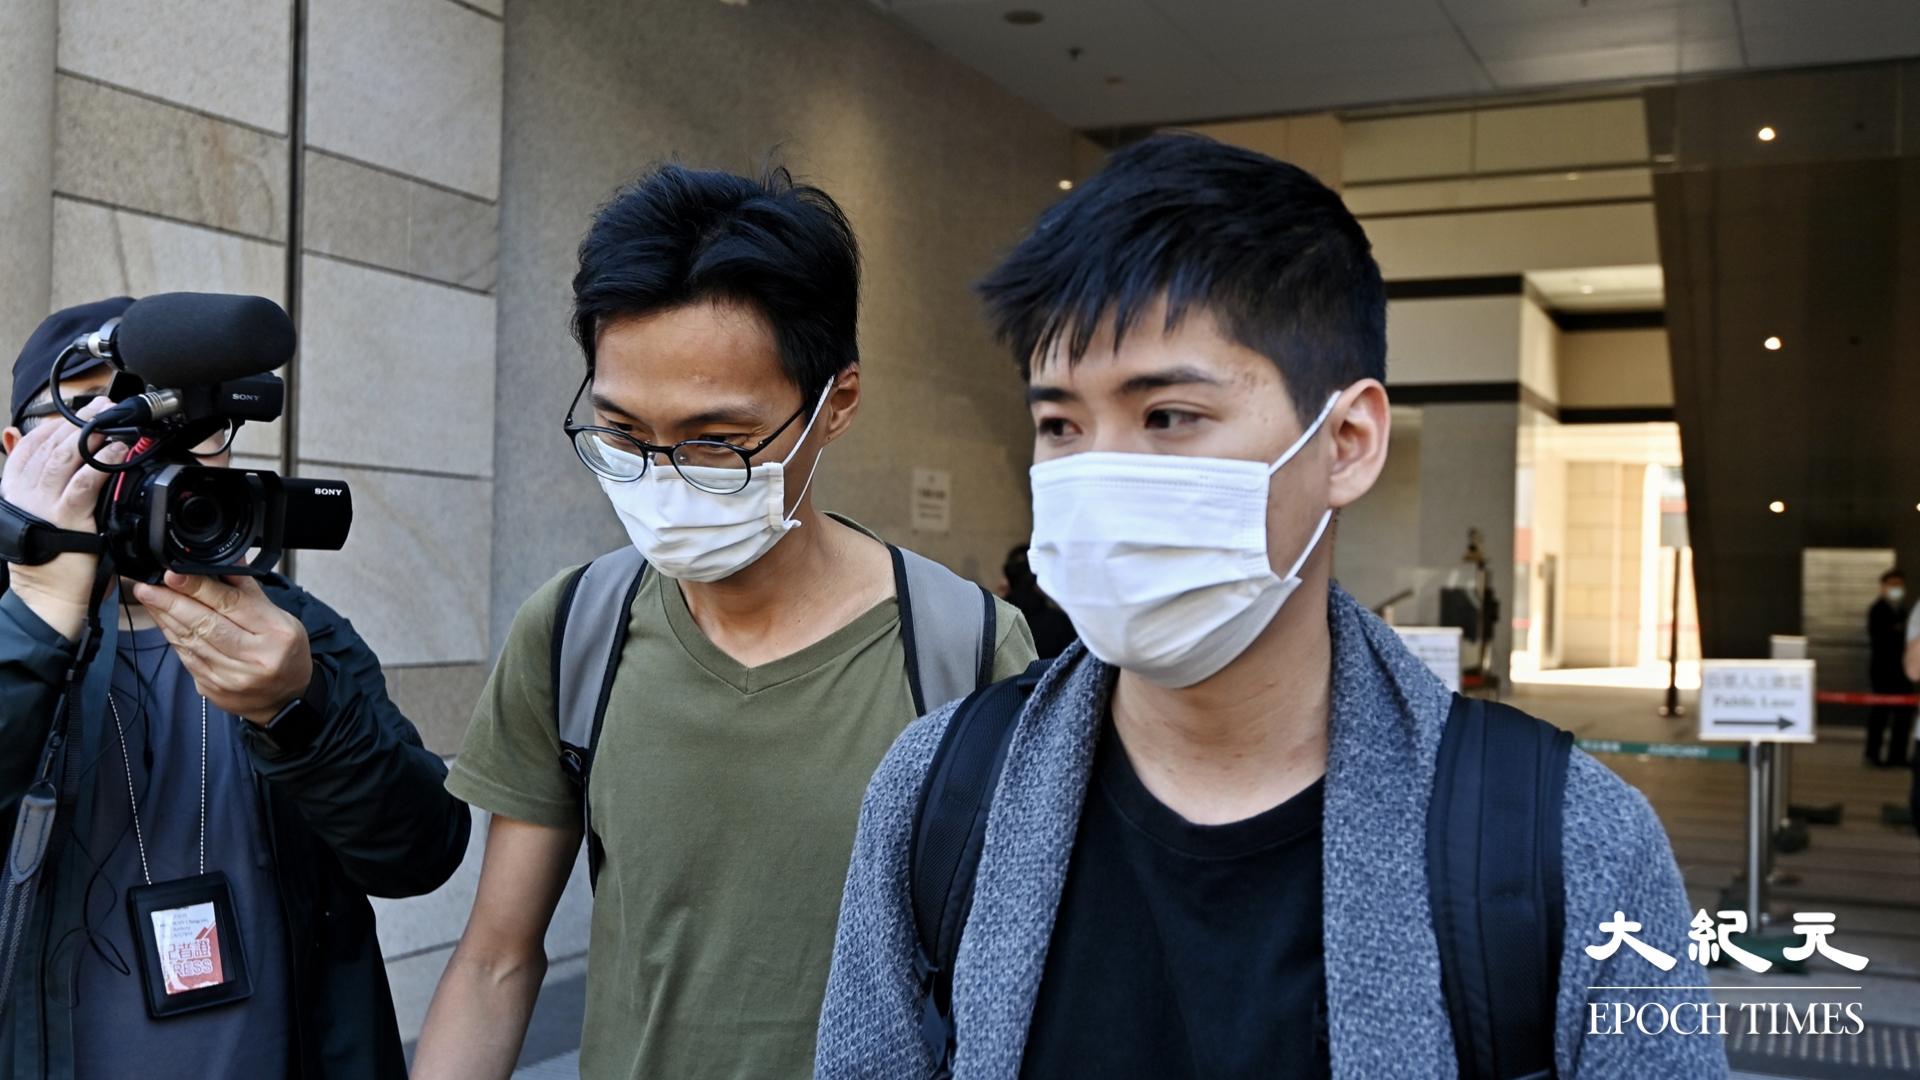 朱凱迪(左)和岑敖暉(右)。(宋碧龍/大紀元)